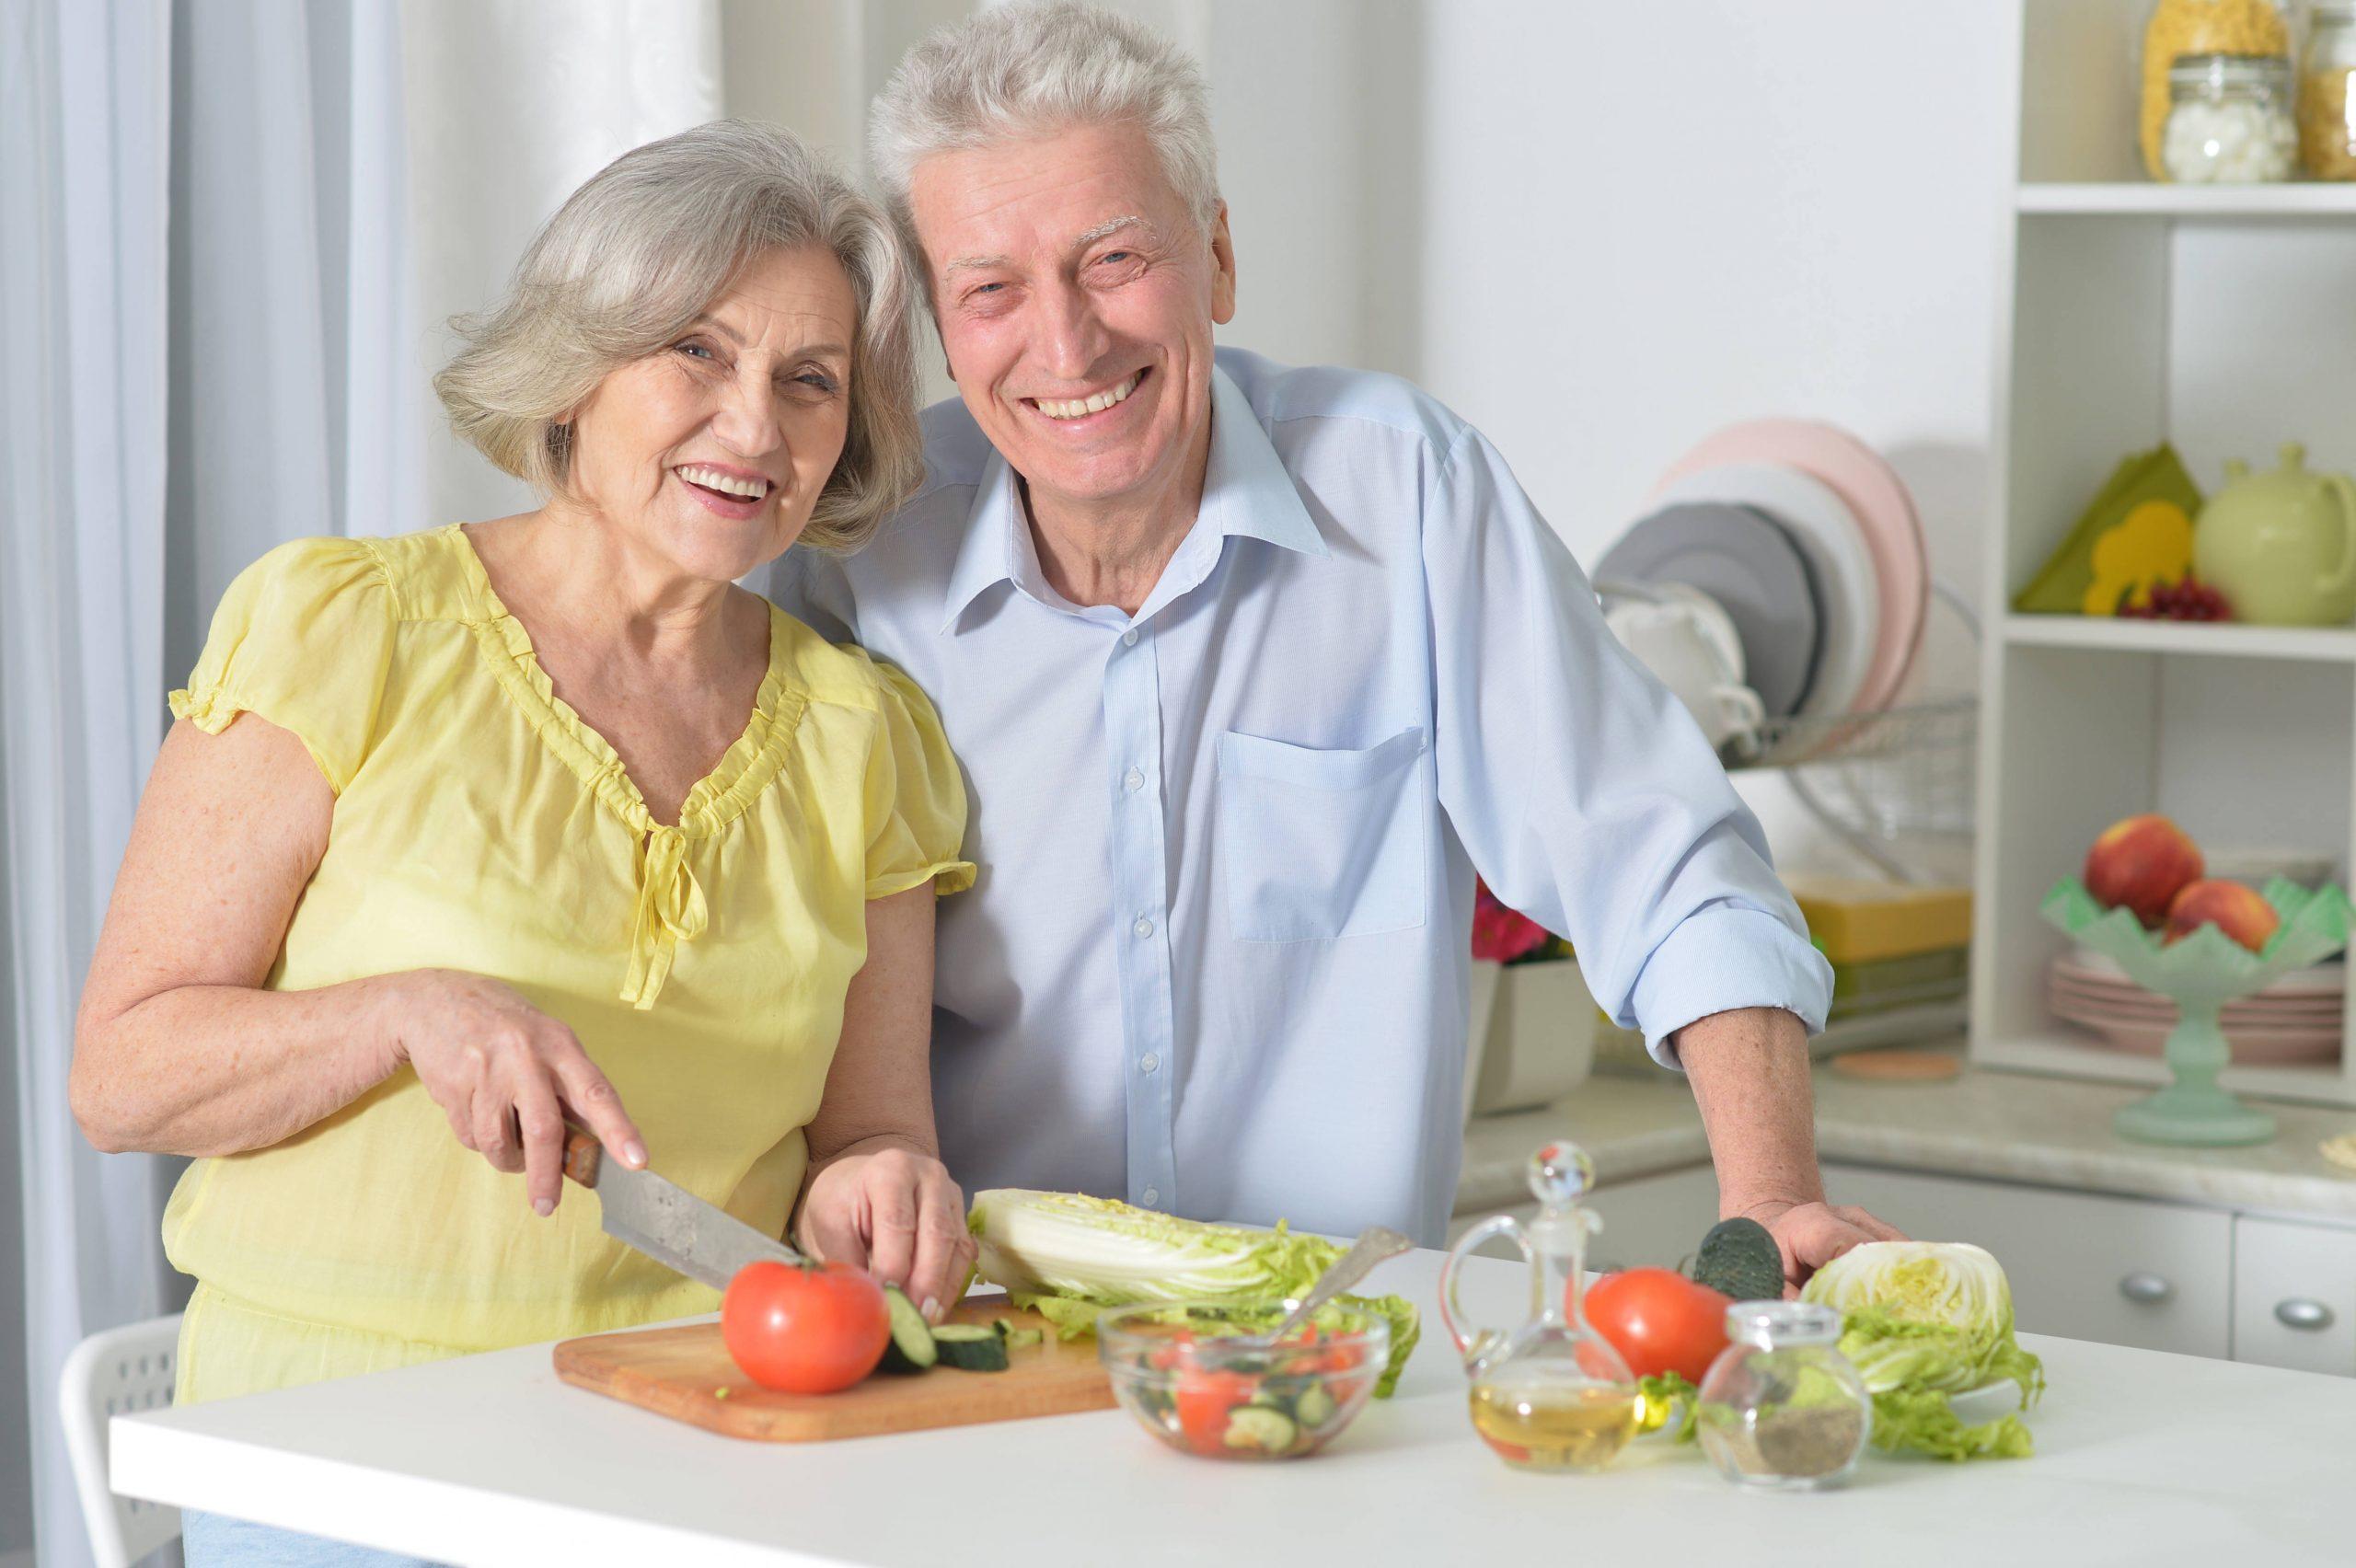 Cómo cuidar la alimentación para disfrutar de una tercera edad rejuvenecida